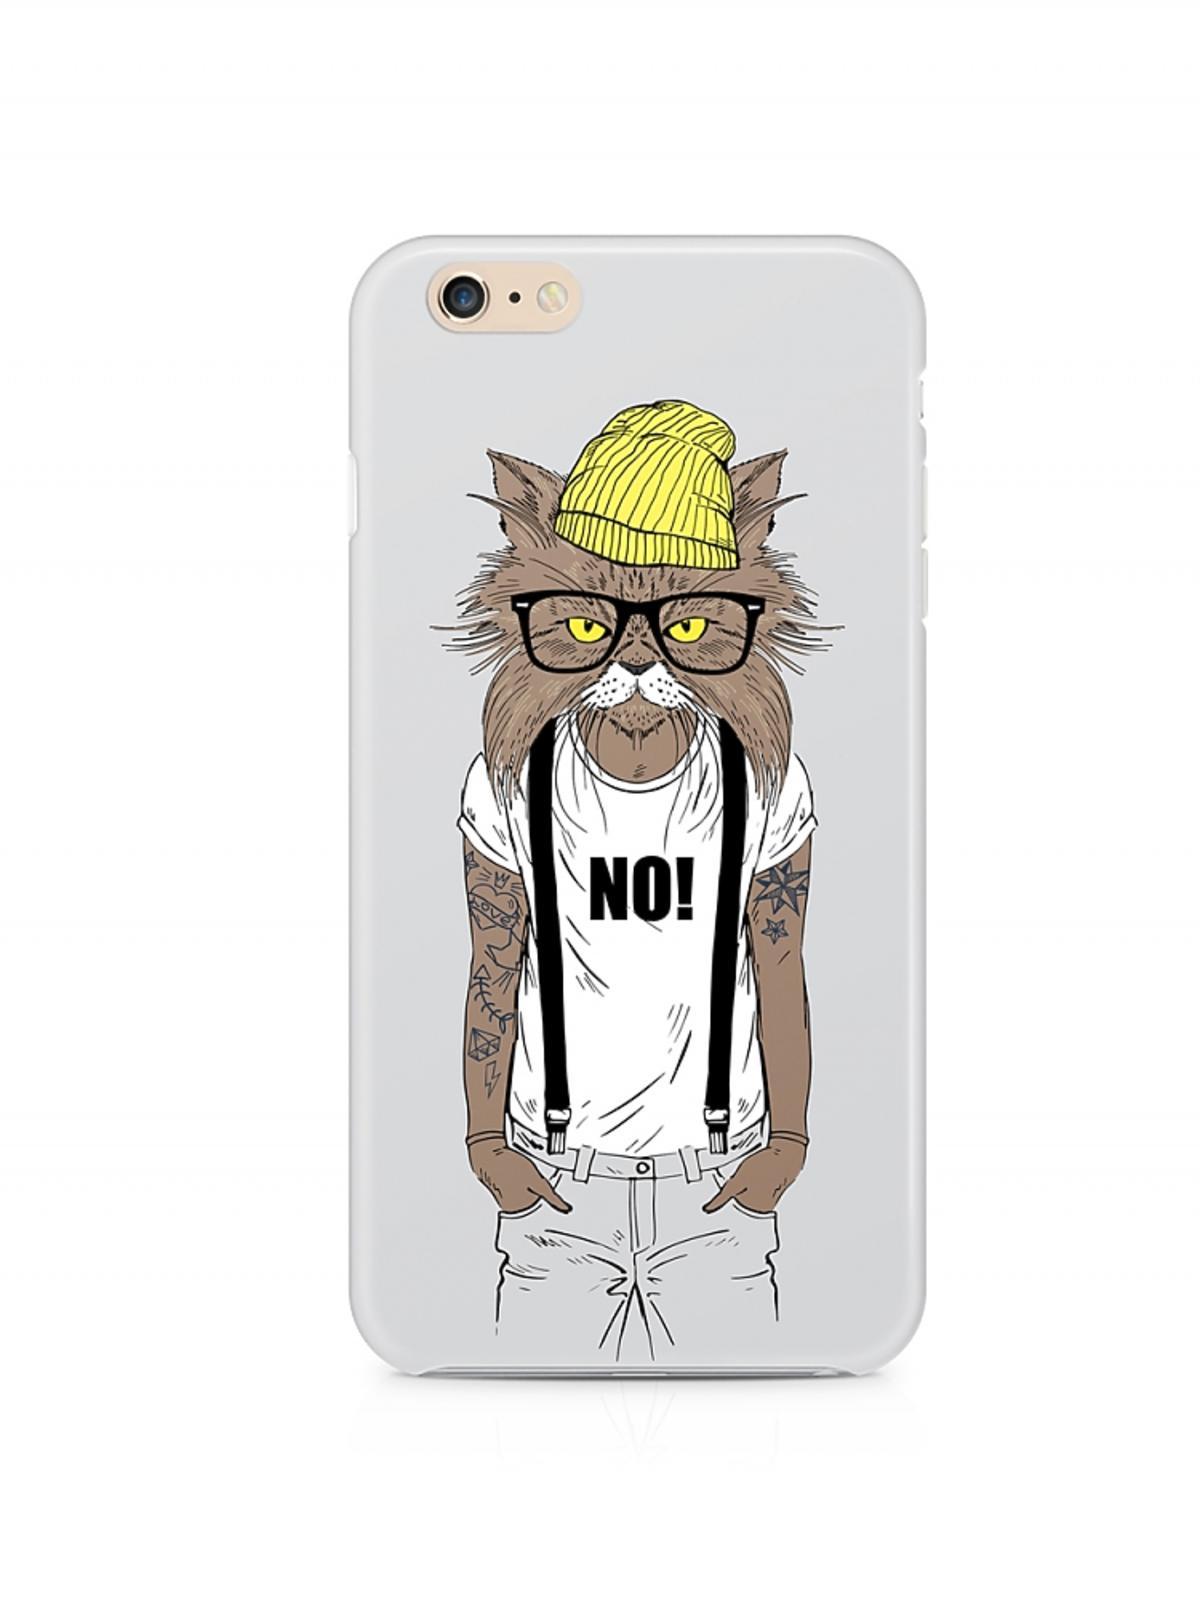 Etui na iPhone ZO-HAN/Showroom.pl, 35 zł (dostępne również na inne modele smartfonów)